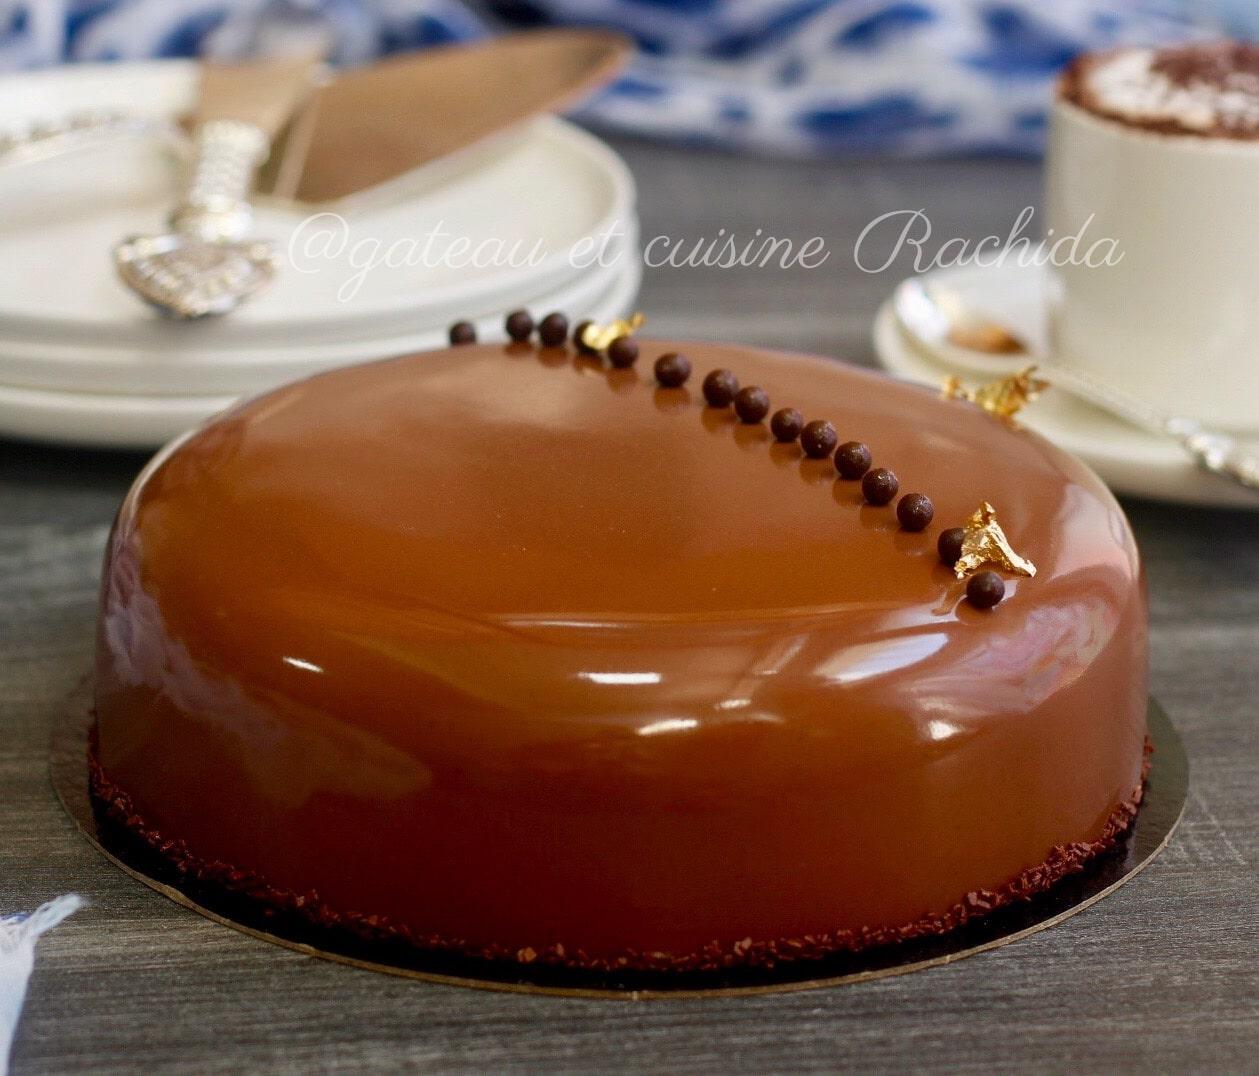 Entremets chocolat et noisettes avec crémeux vanille et dacquoise noisettes